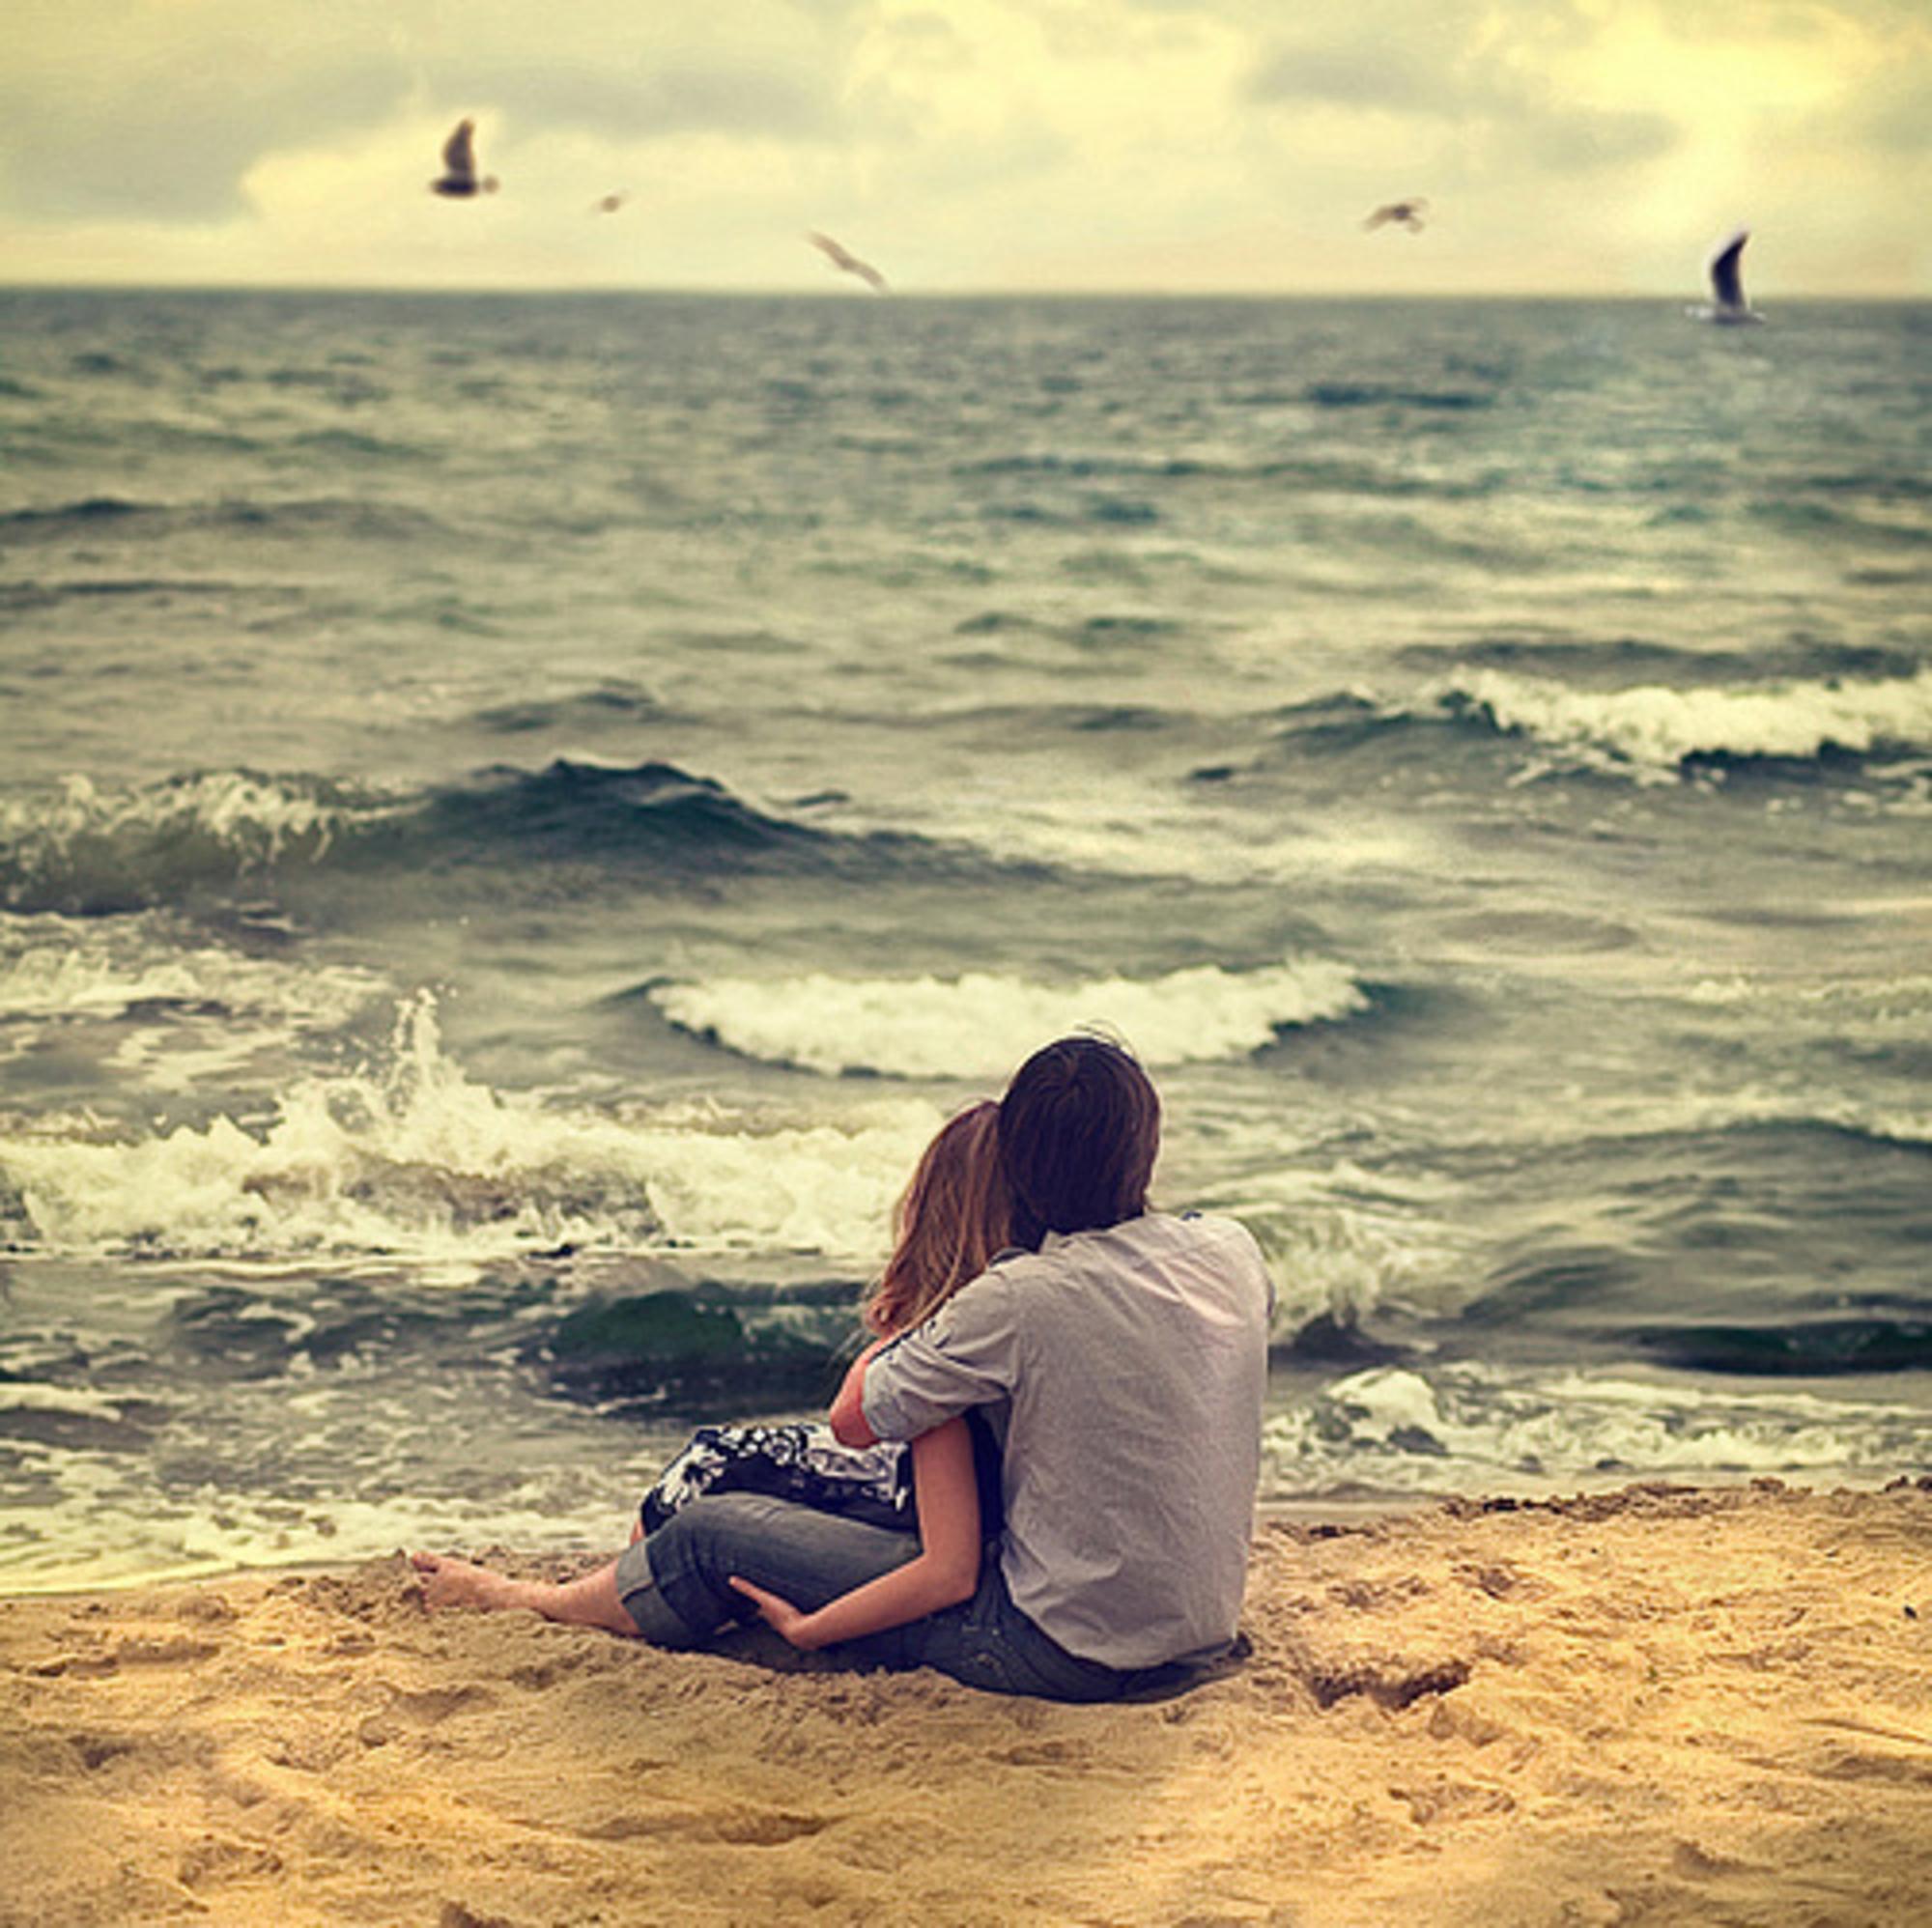 Картинки про любовь со смыслом для девушек скучаю